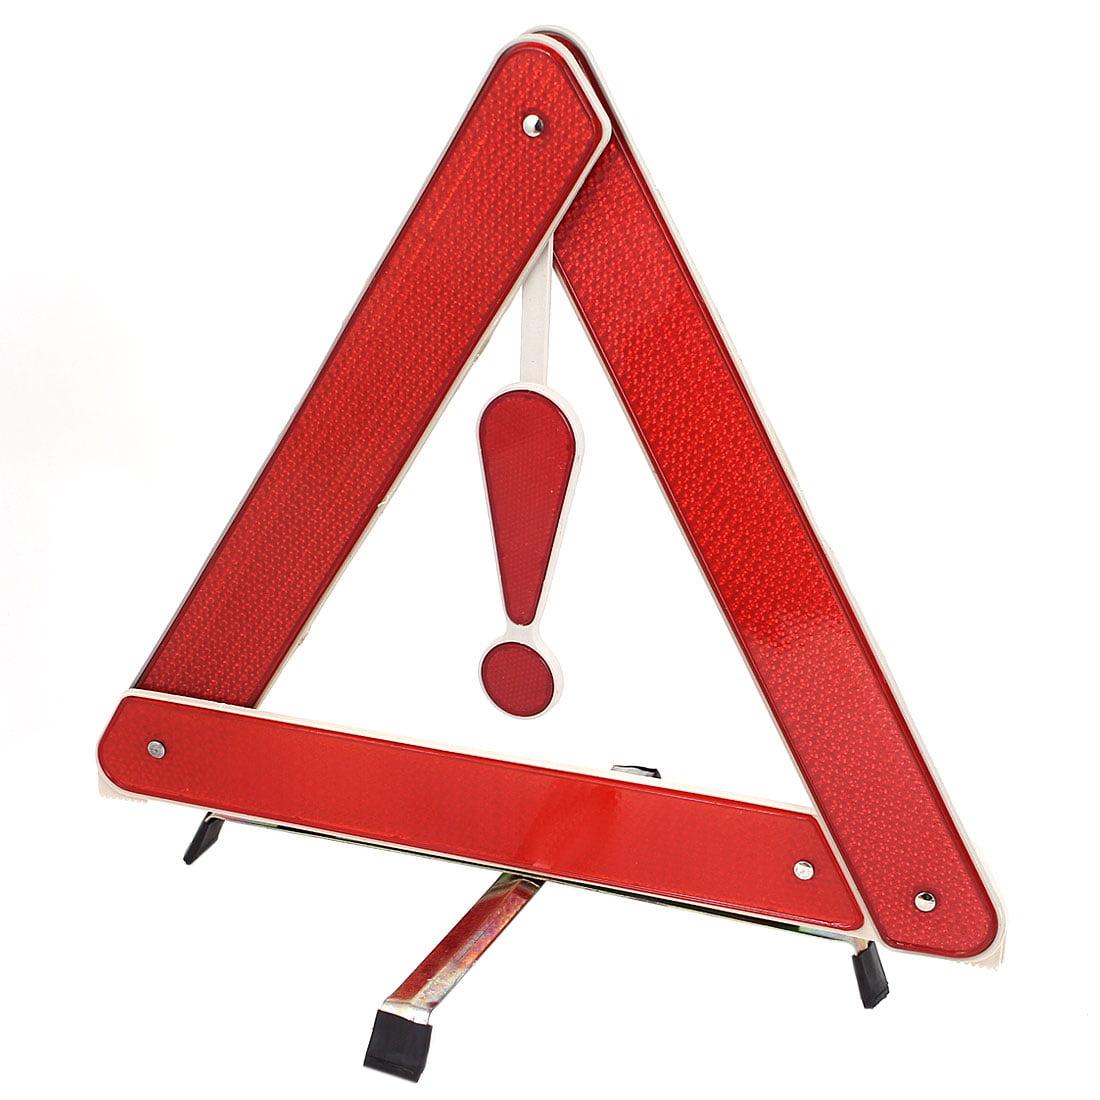 Red Plastic Folding Emergency Warning Reflecting Trigonal Baffle Board w Stand